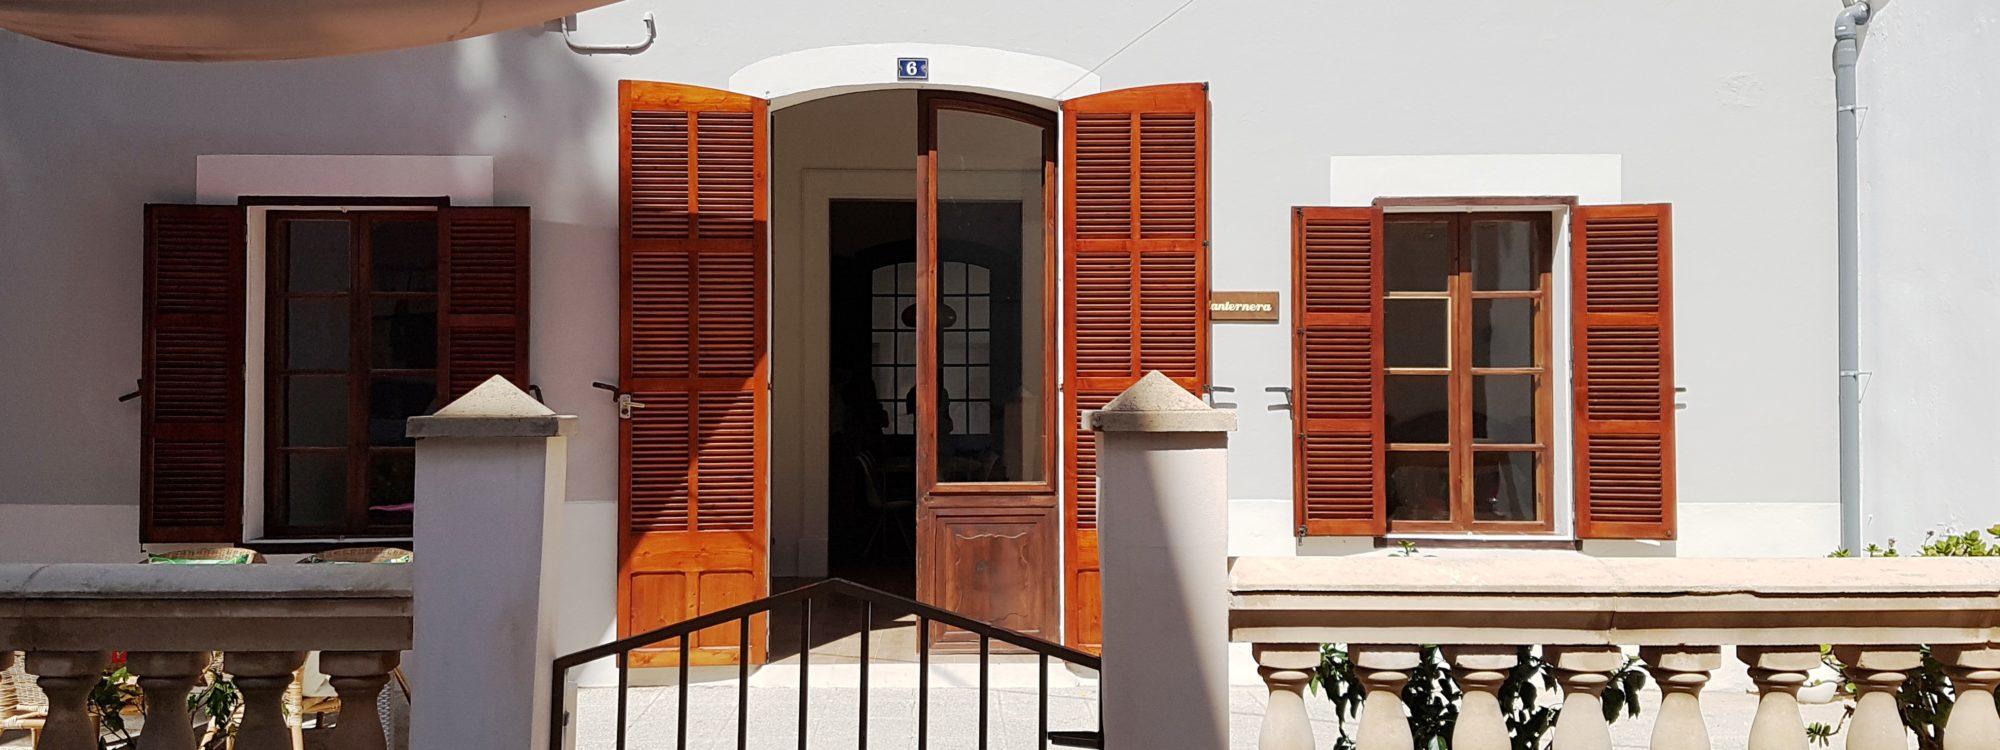 Stadthaus-Bijou in Cala Millor für bis zu 4 Personen, 70 Meter zum Sandstrand